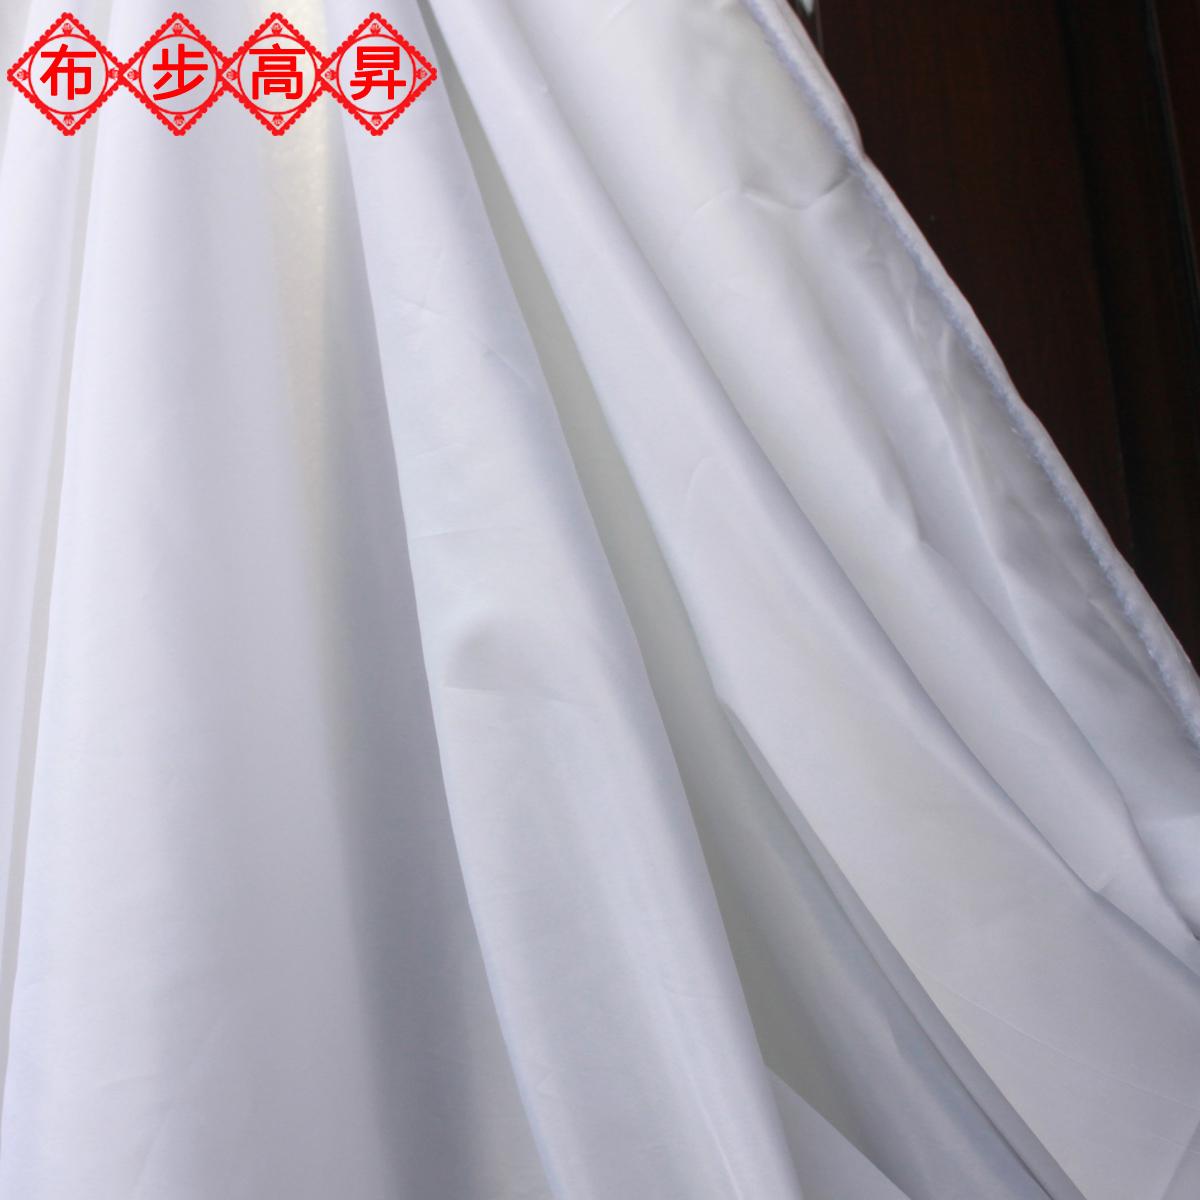 5: 蓝白格子日系清爽面料高支棉全棉布纯棉薄料衬衫布料服装小清新仙